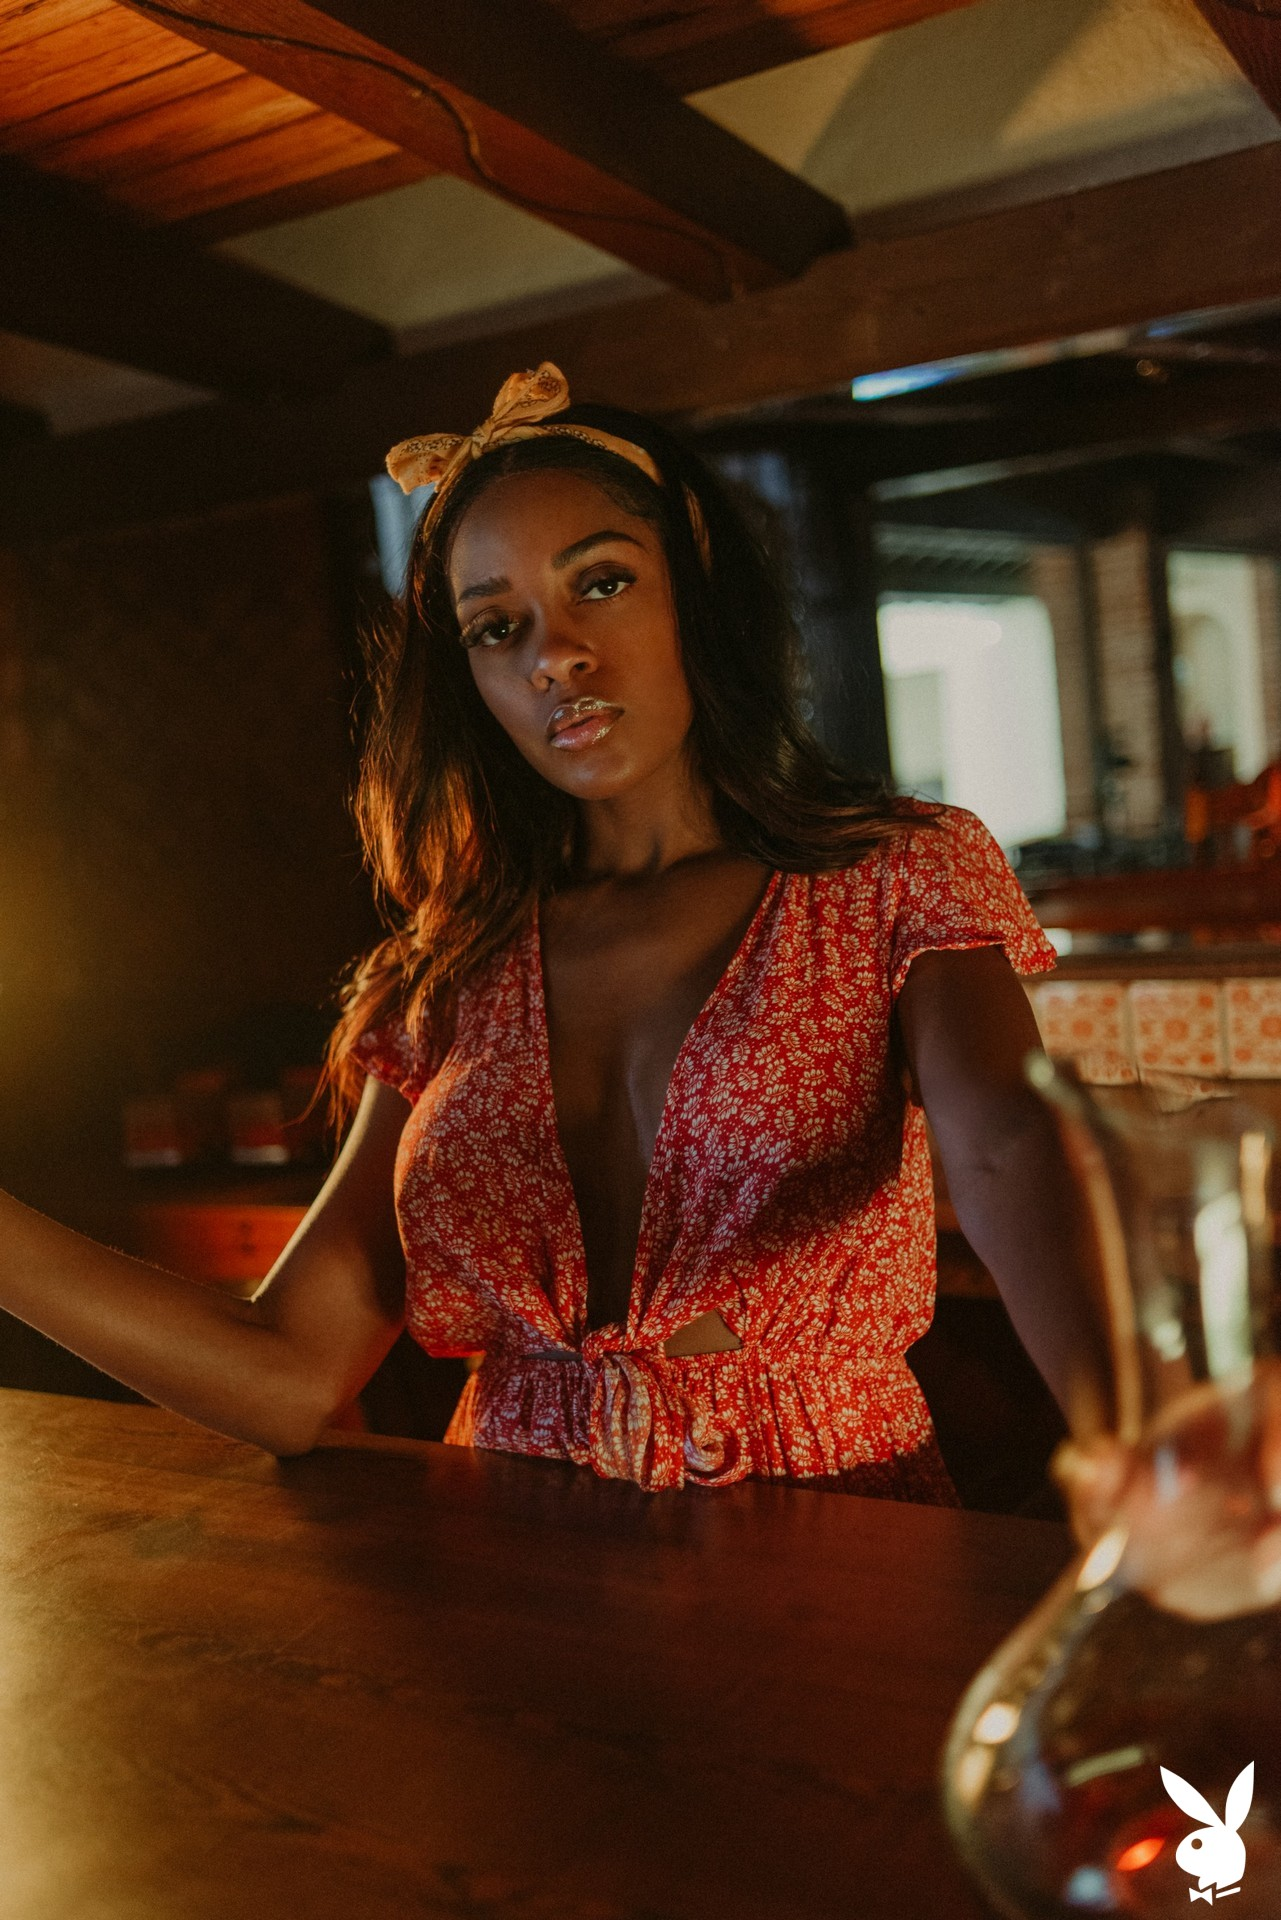 Amber Rose In Making Shots Playboy Plus (2)